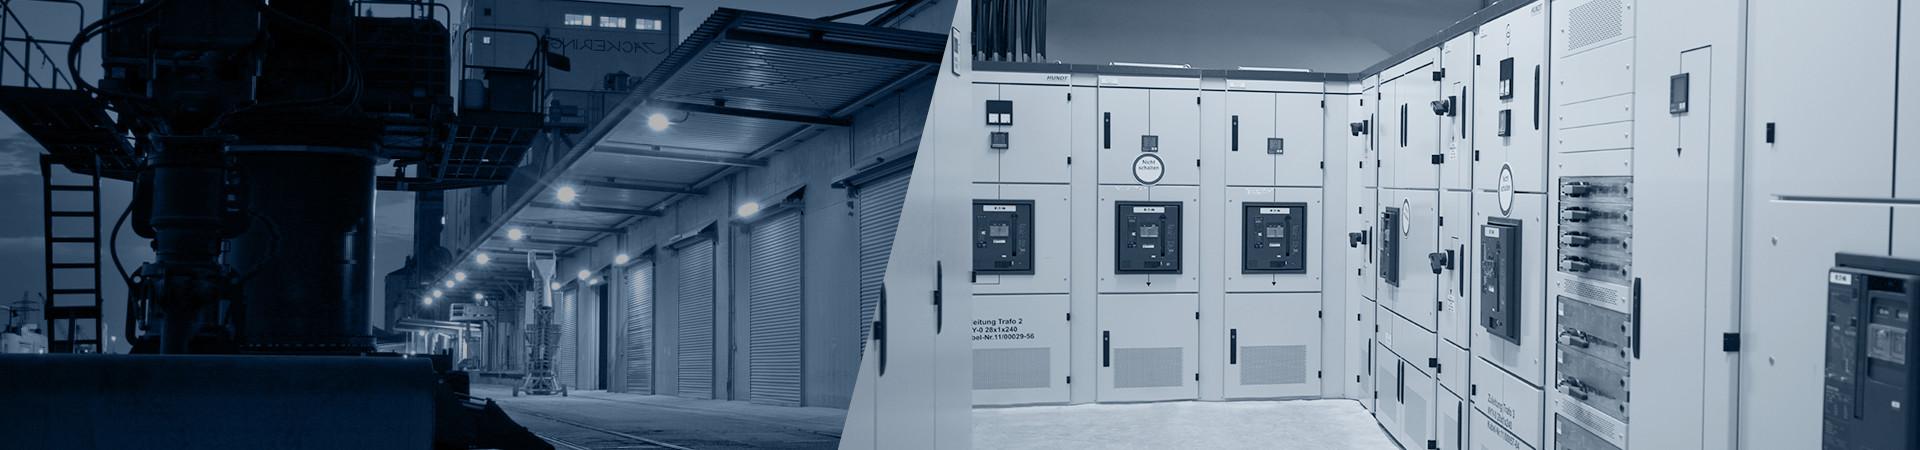 Niederspannungshauptverteiler (NSHV) – HUNDT Elektrosysteme